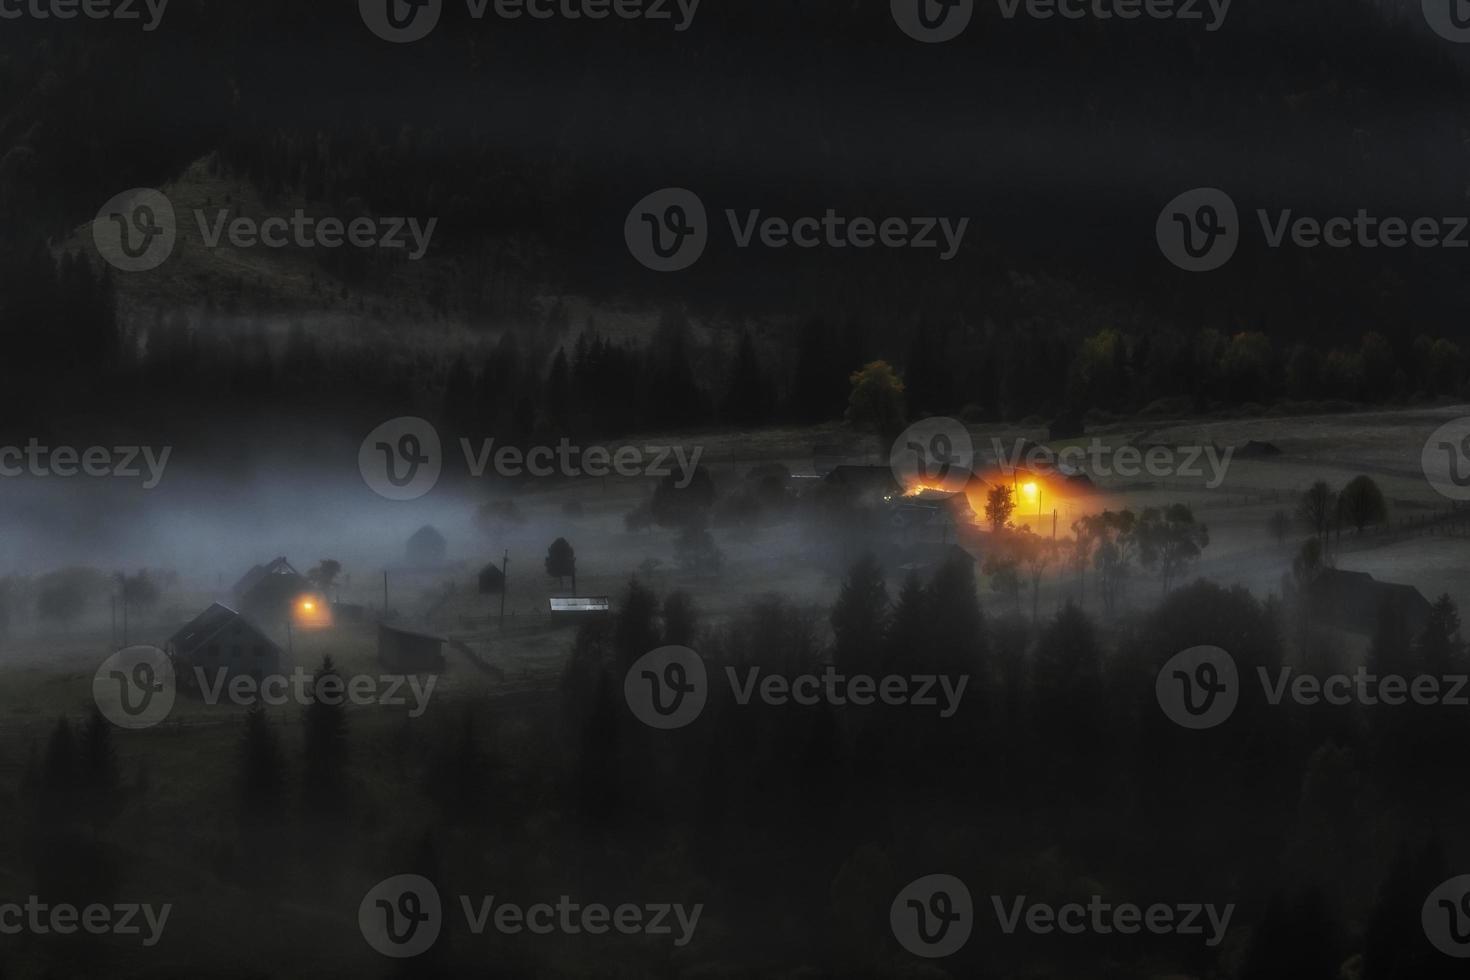 maanverlichte nacht in de bergen foto